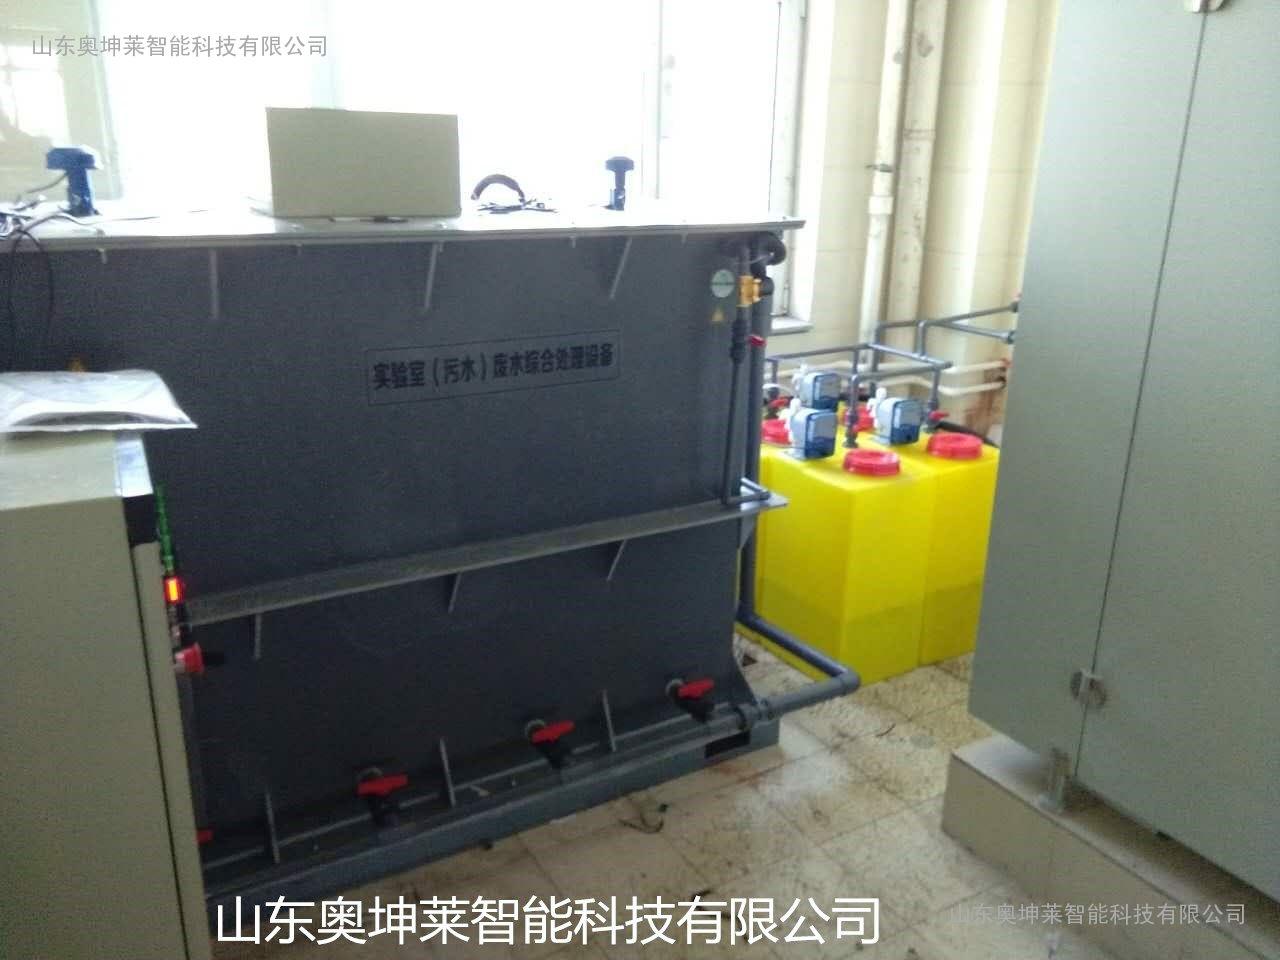 血站化验室污水处理设备免费送货